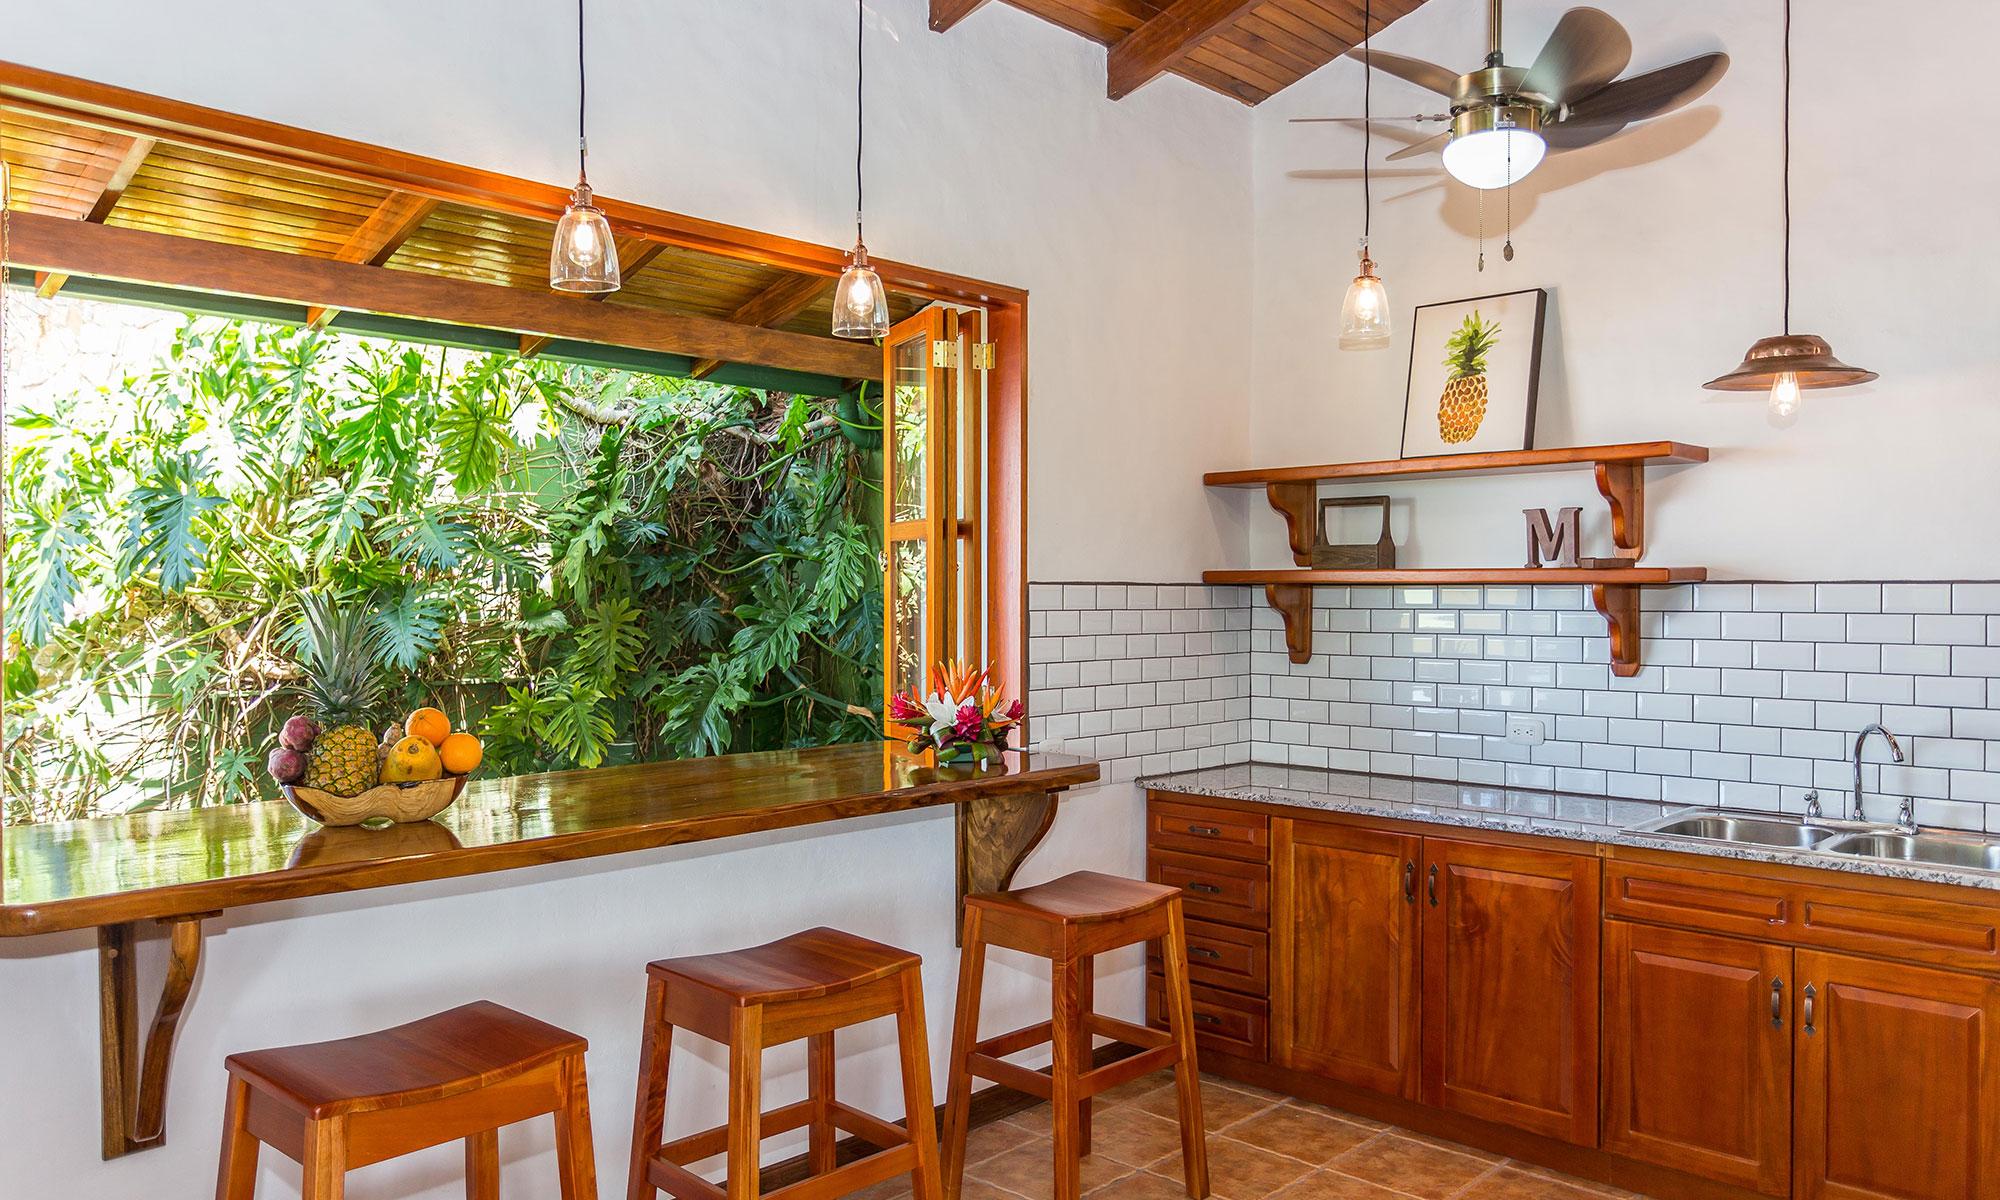 Villa Natura breakfast bar